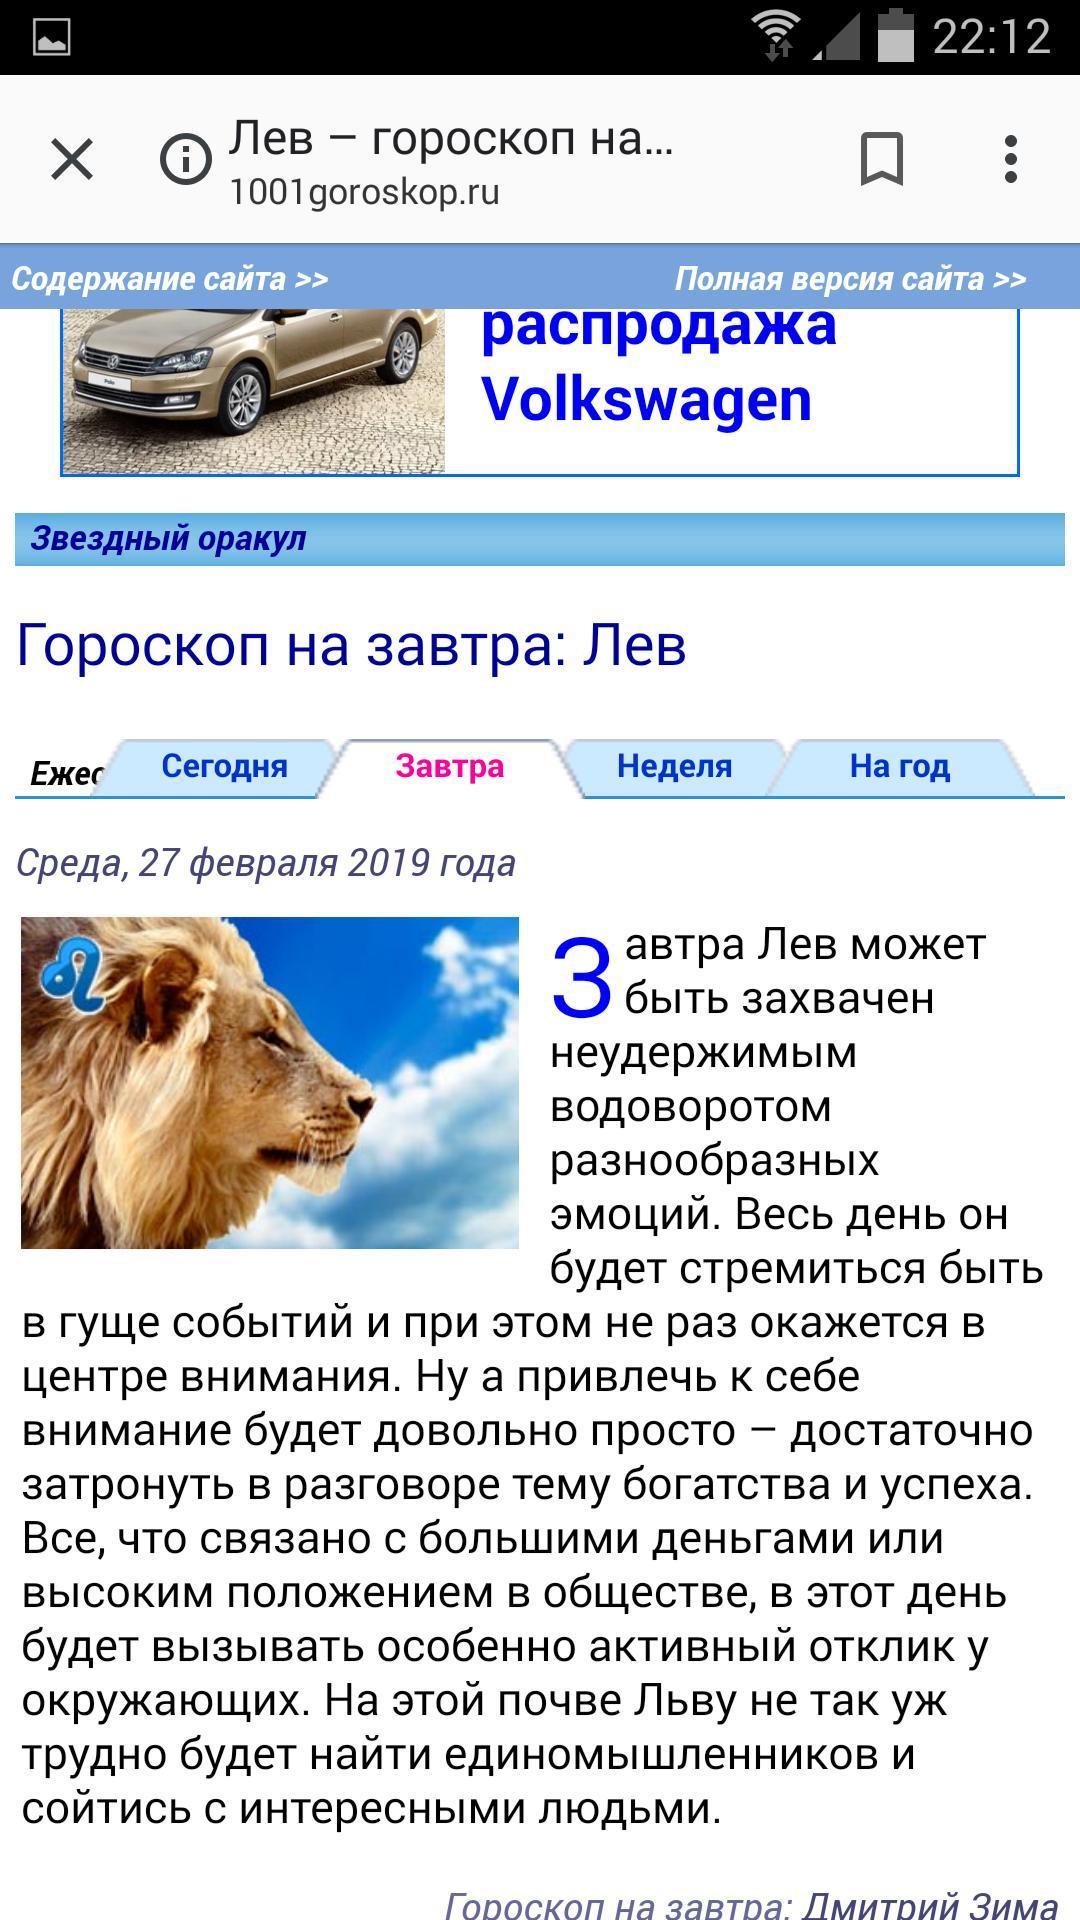 Гороскоп от оракула официальный сайт